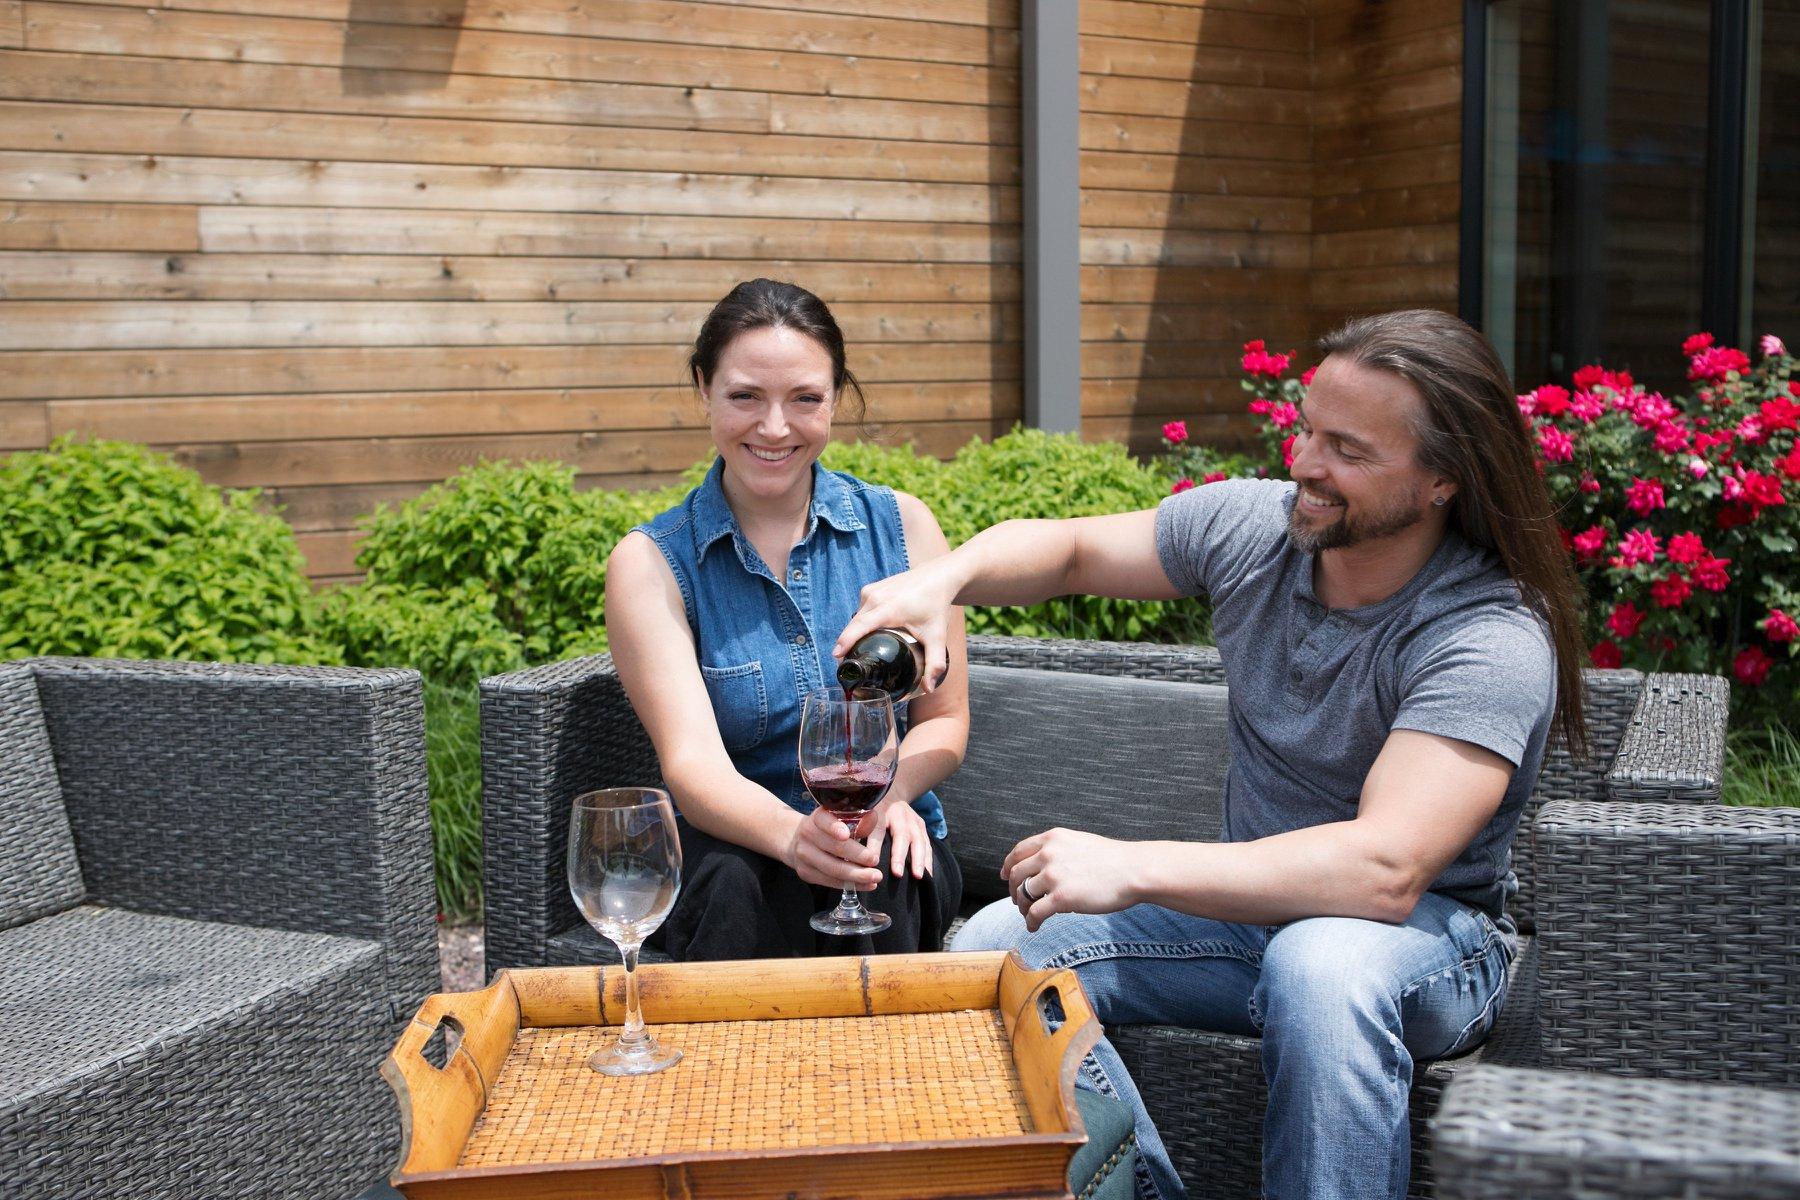 acacia spa springfield missouri courtyard springtime flowers couple wine smiling